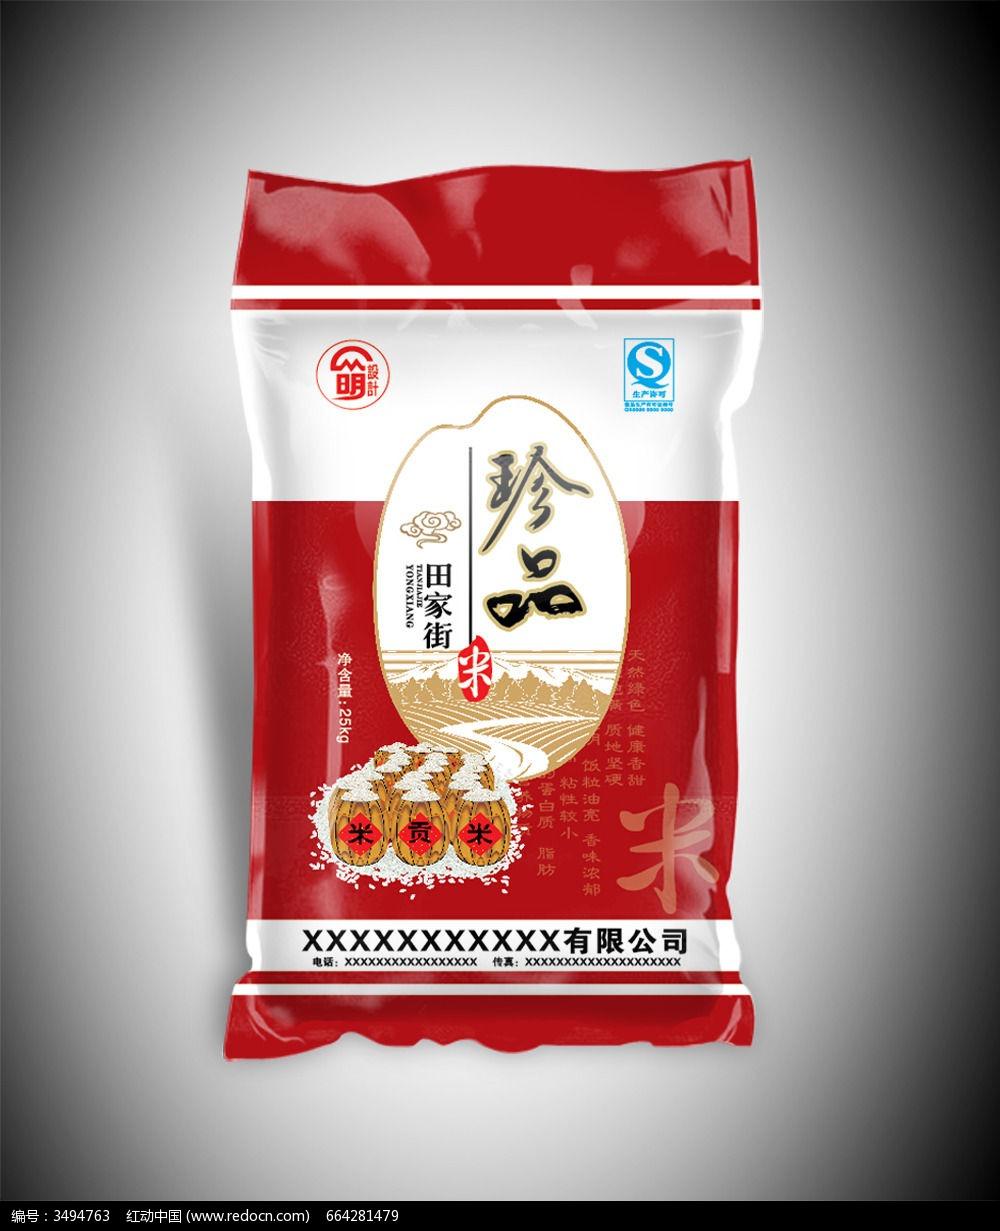 珍品大米粮食真空包装袋图片